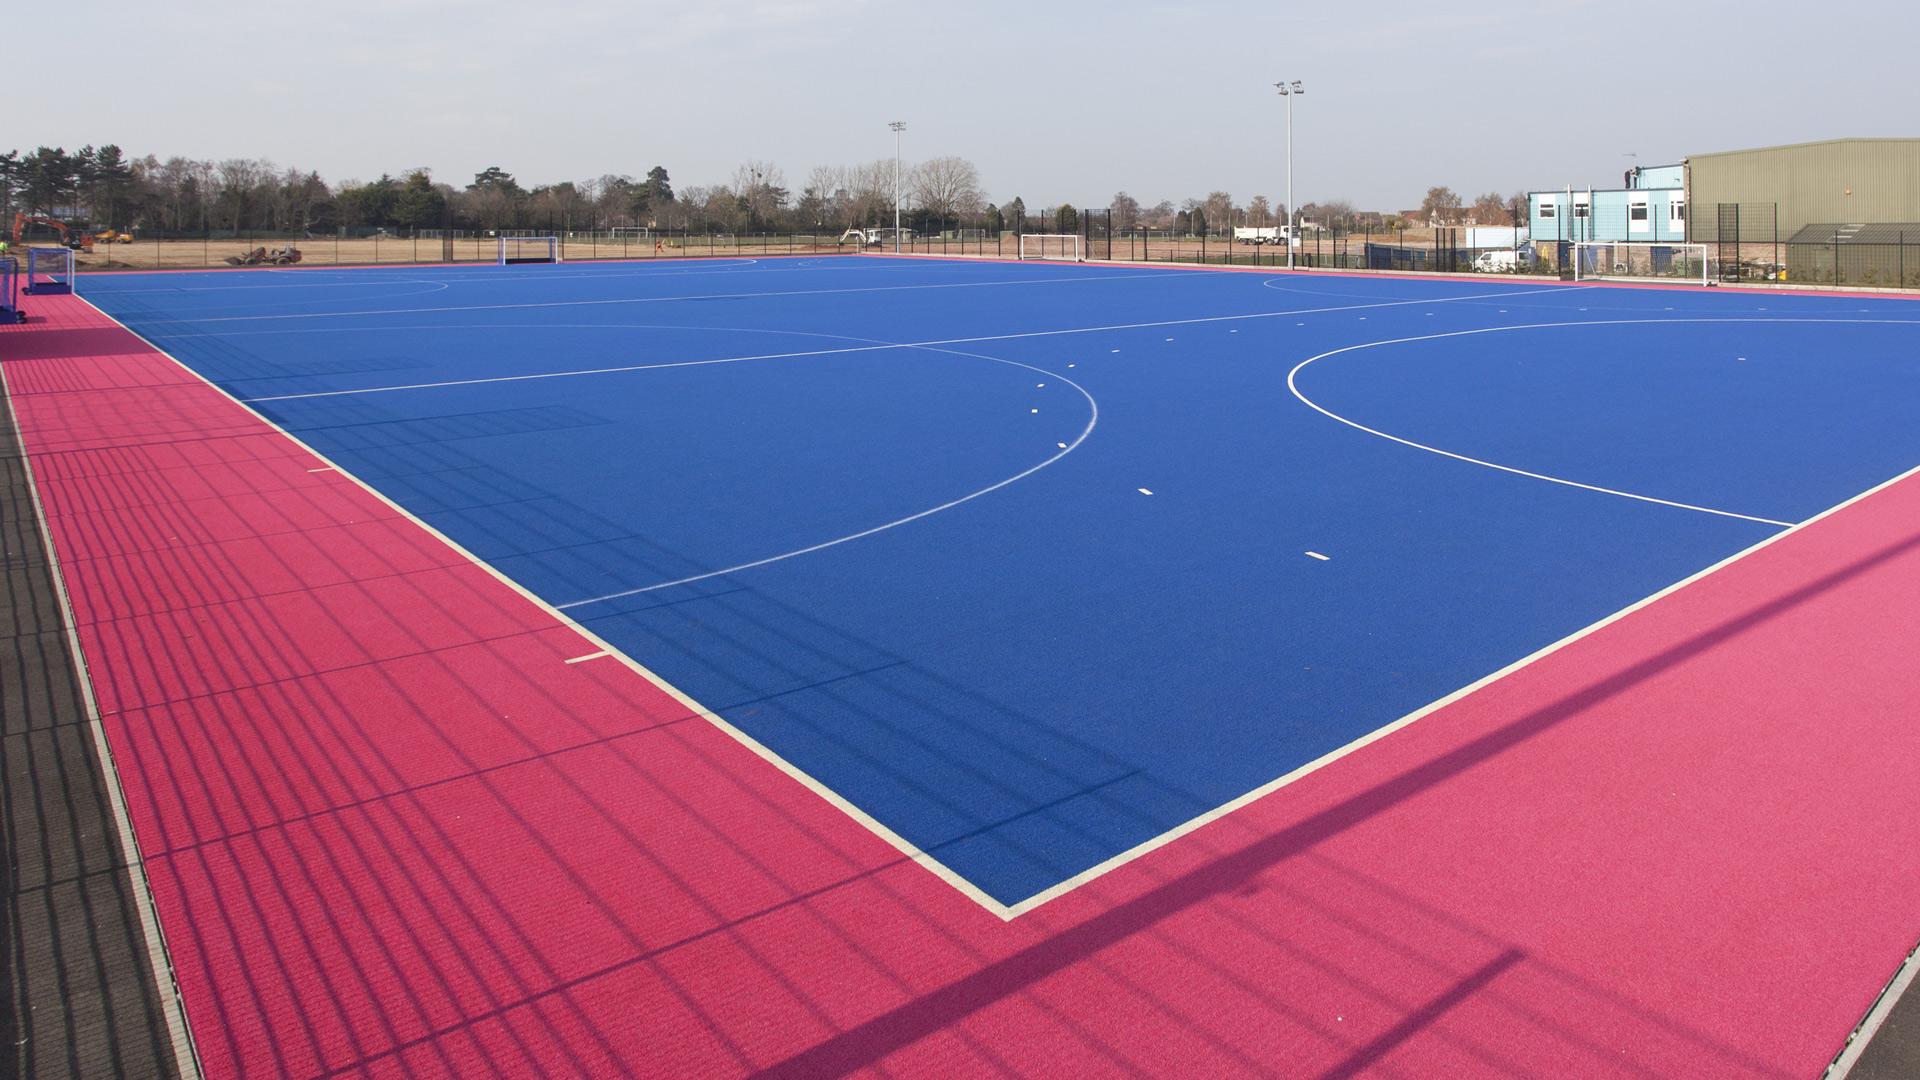 Rushmere Sports Centre